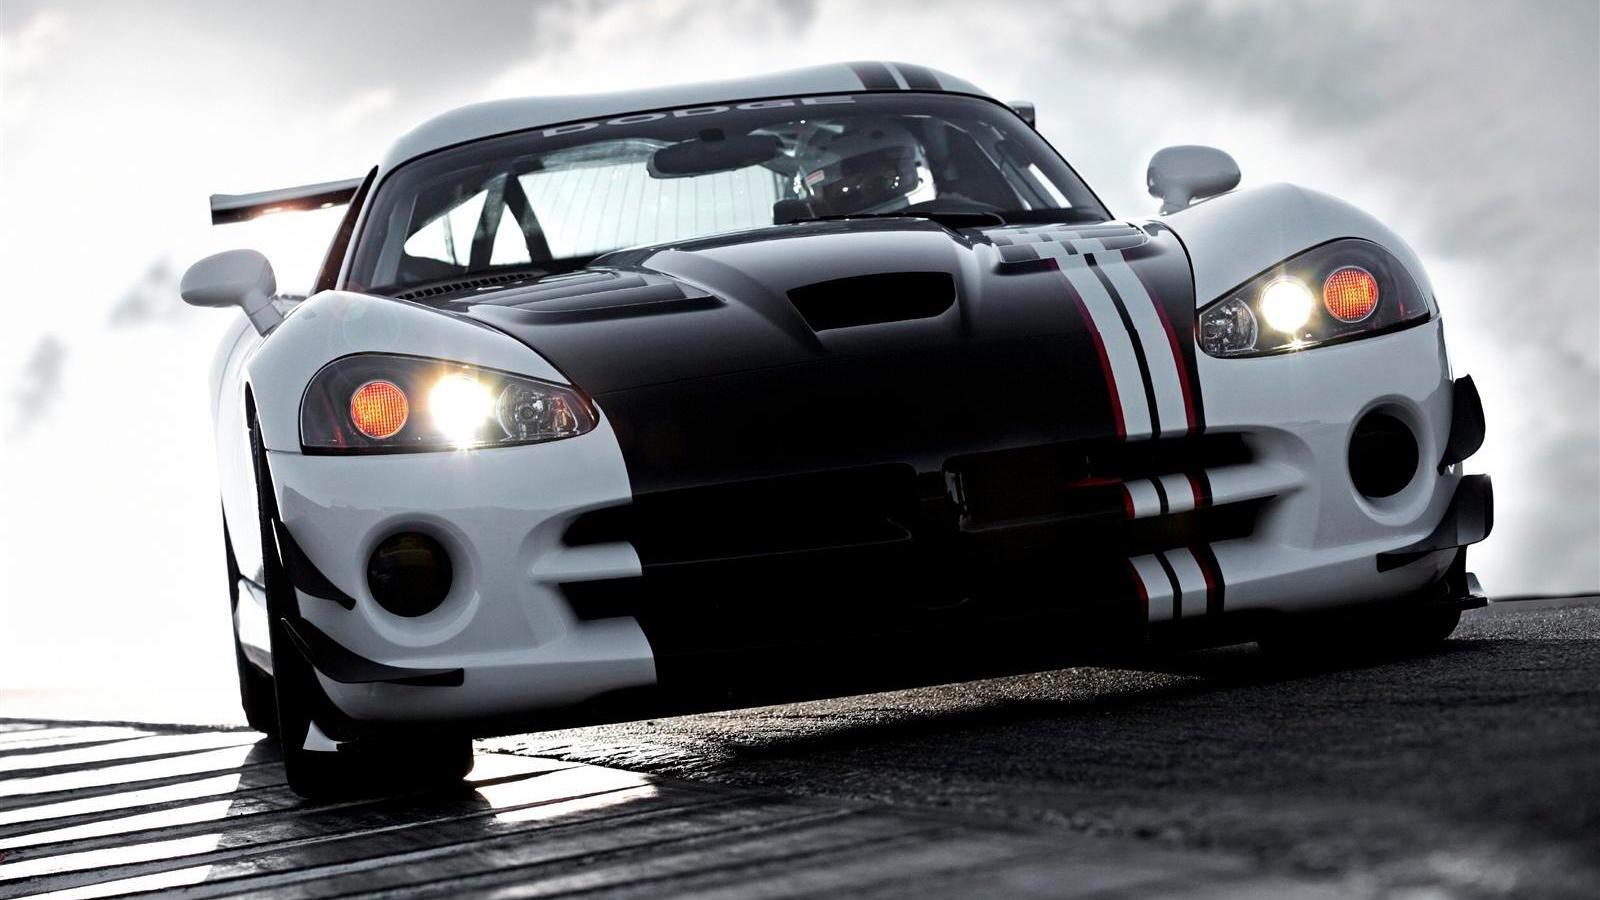 2010 Dodge Viper SRT10 ACR-X